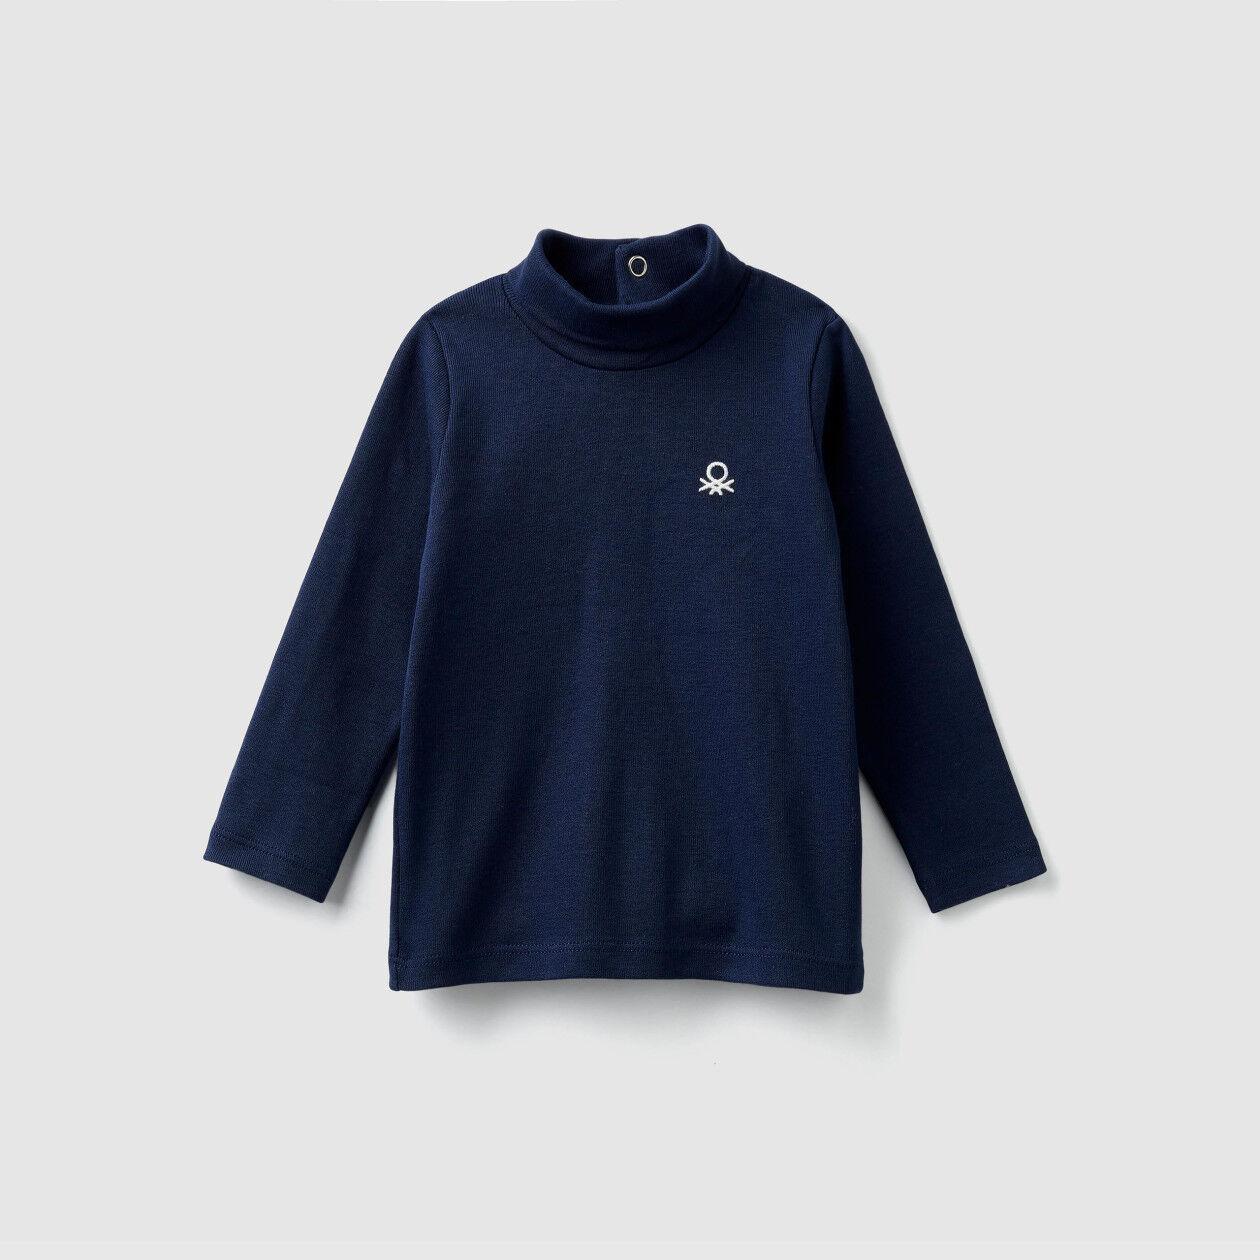 T-shirt de gola alta em algodão orgânico